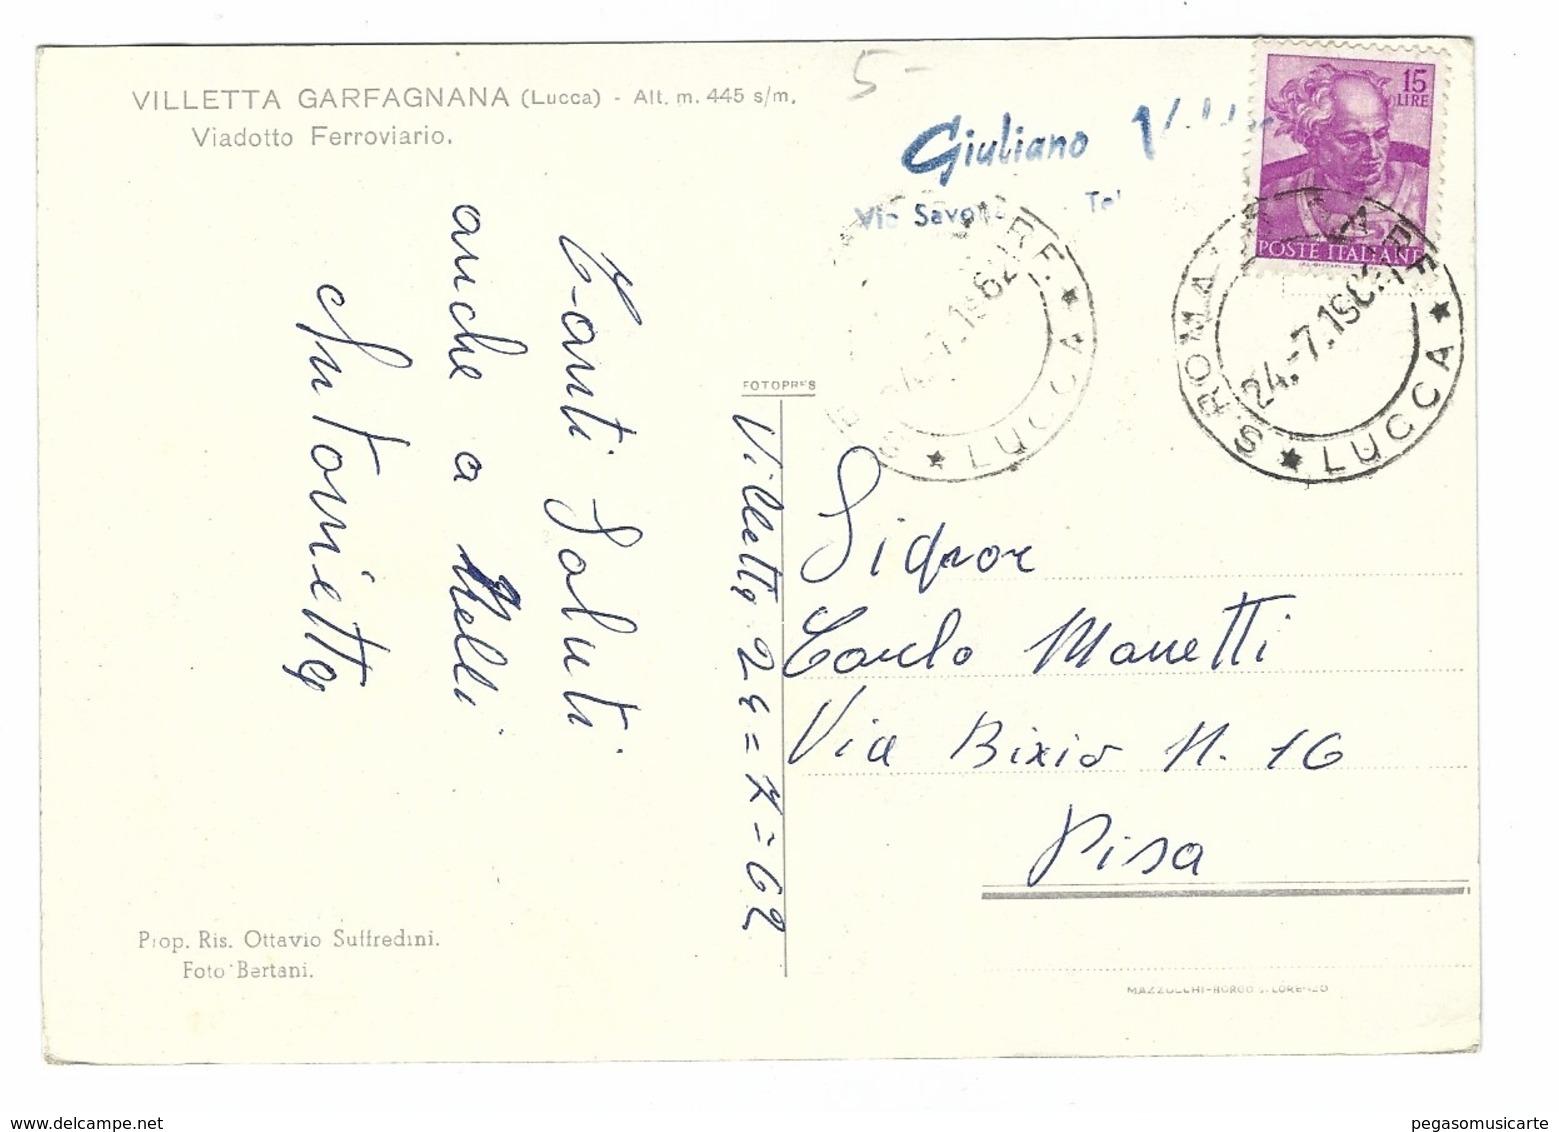 980 - VILLETTA GARFAGNANA LUCCA VIADOTTO FERROVIARIO 1962 - Lucca